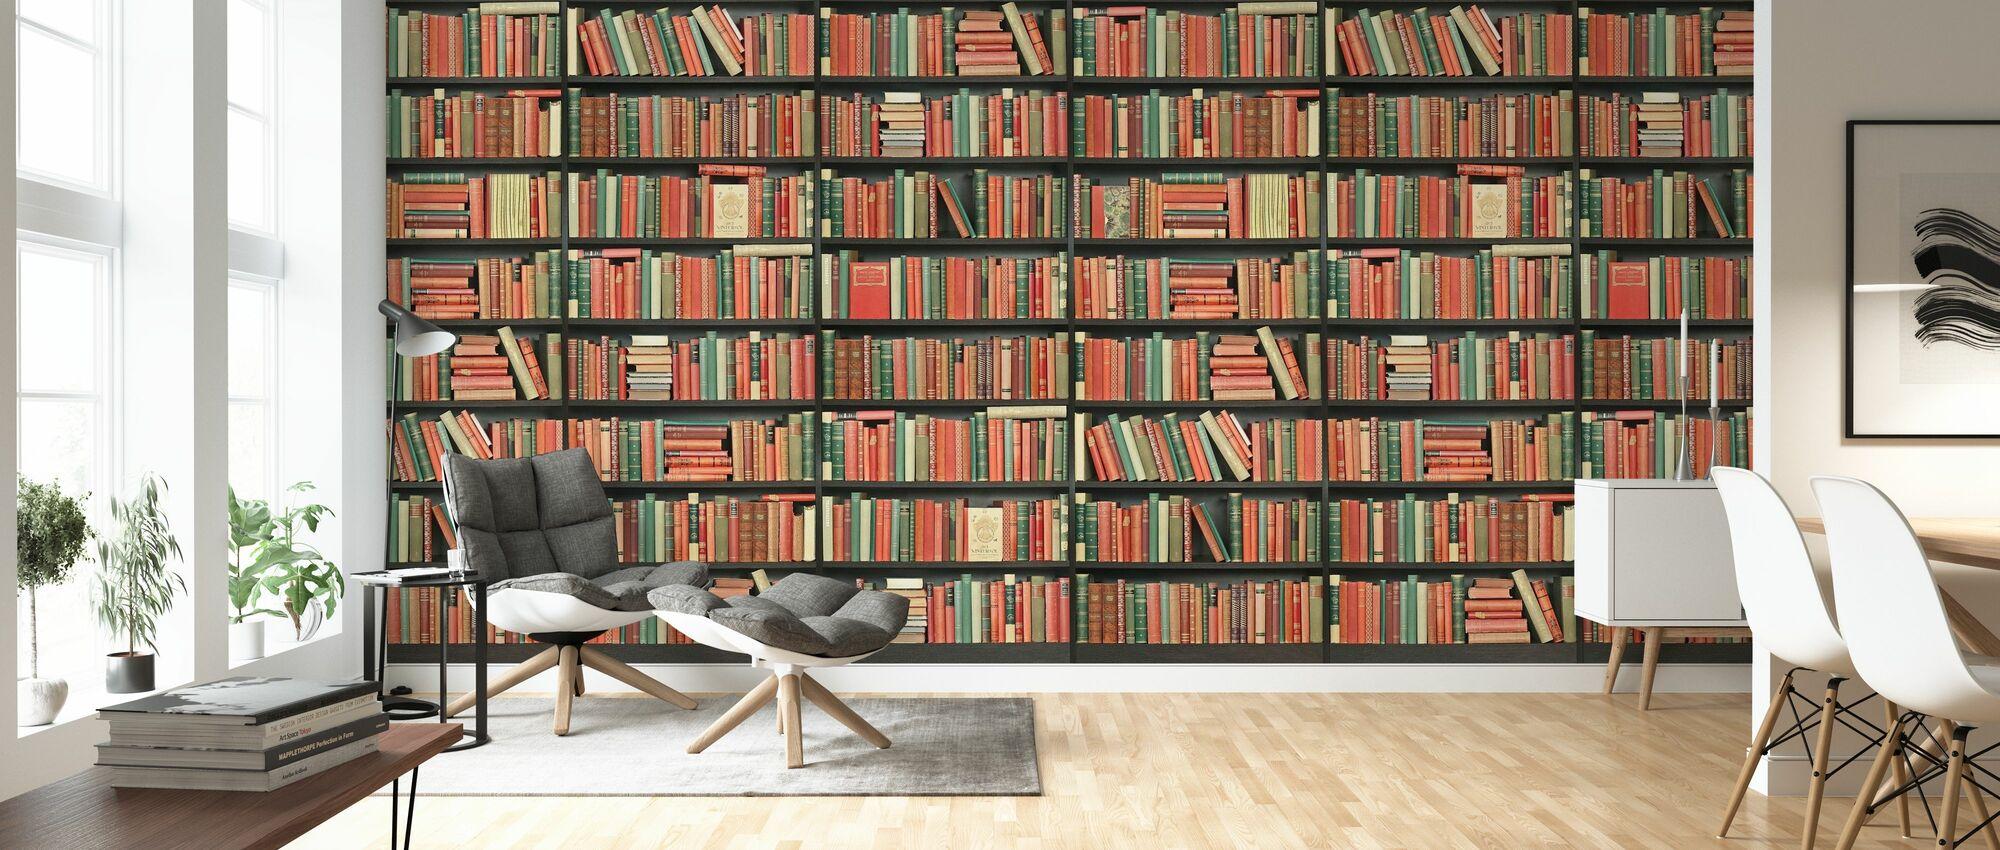 Bibliothèque - Noir - Rouge vert - Long - Papier peint - Salle à manger